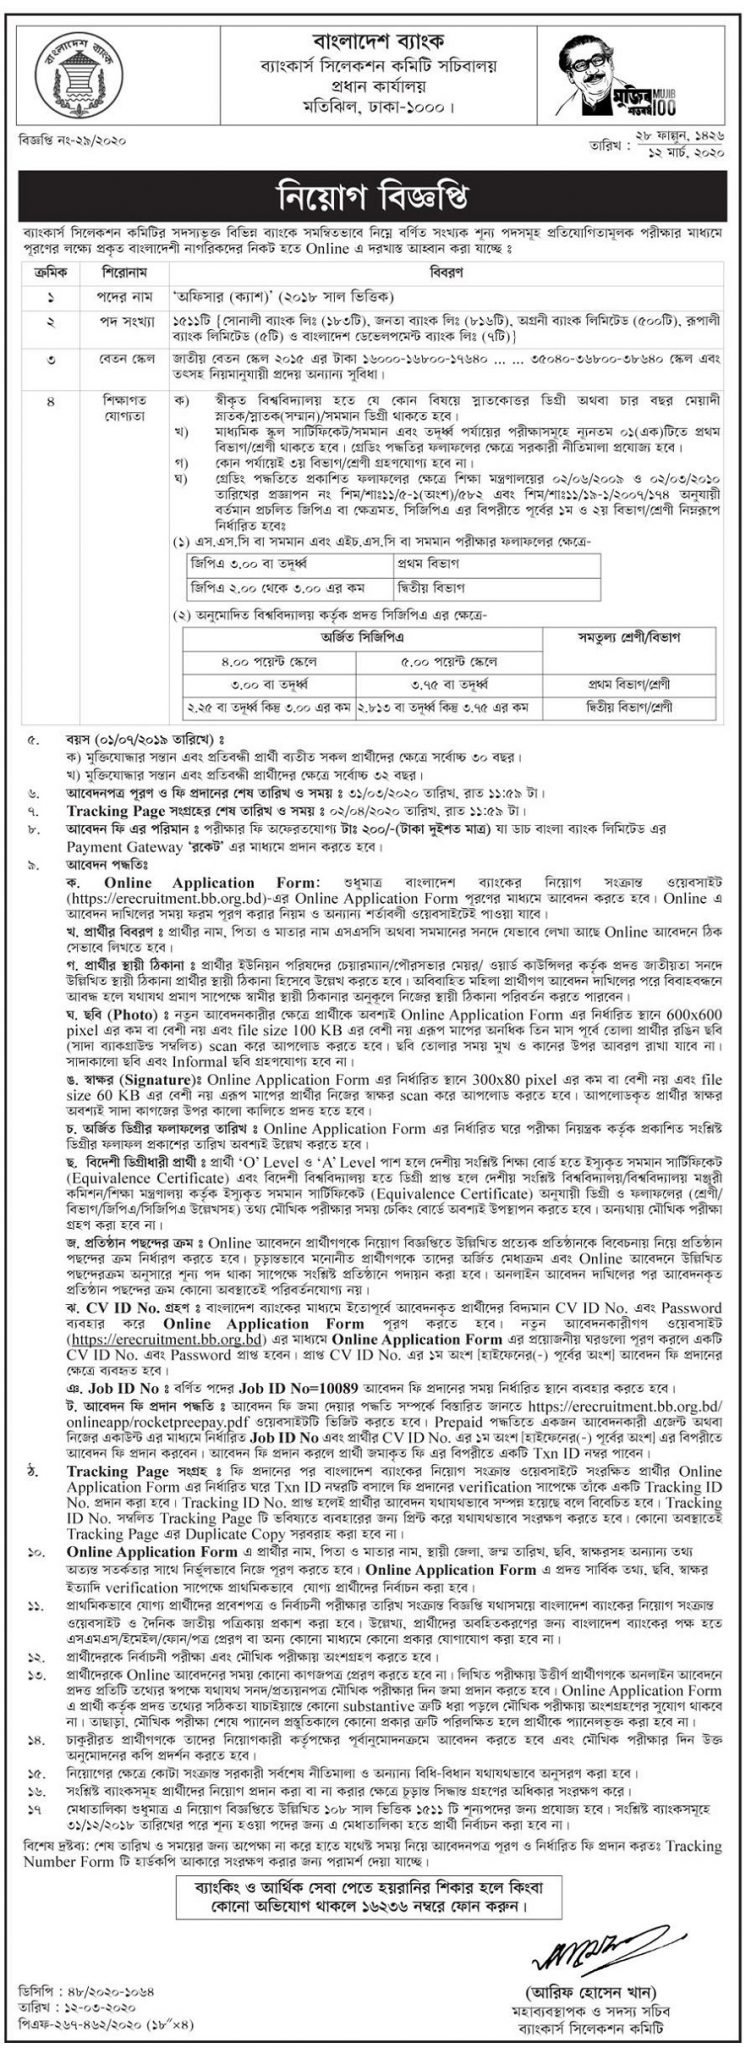 Rupali Bank Limited Job Circular 2020